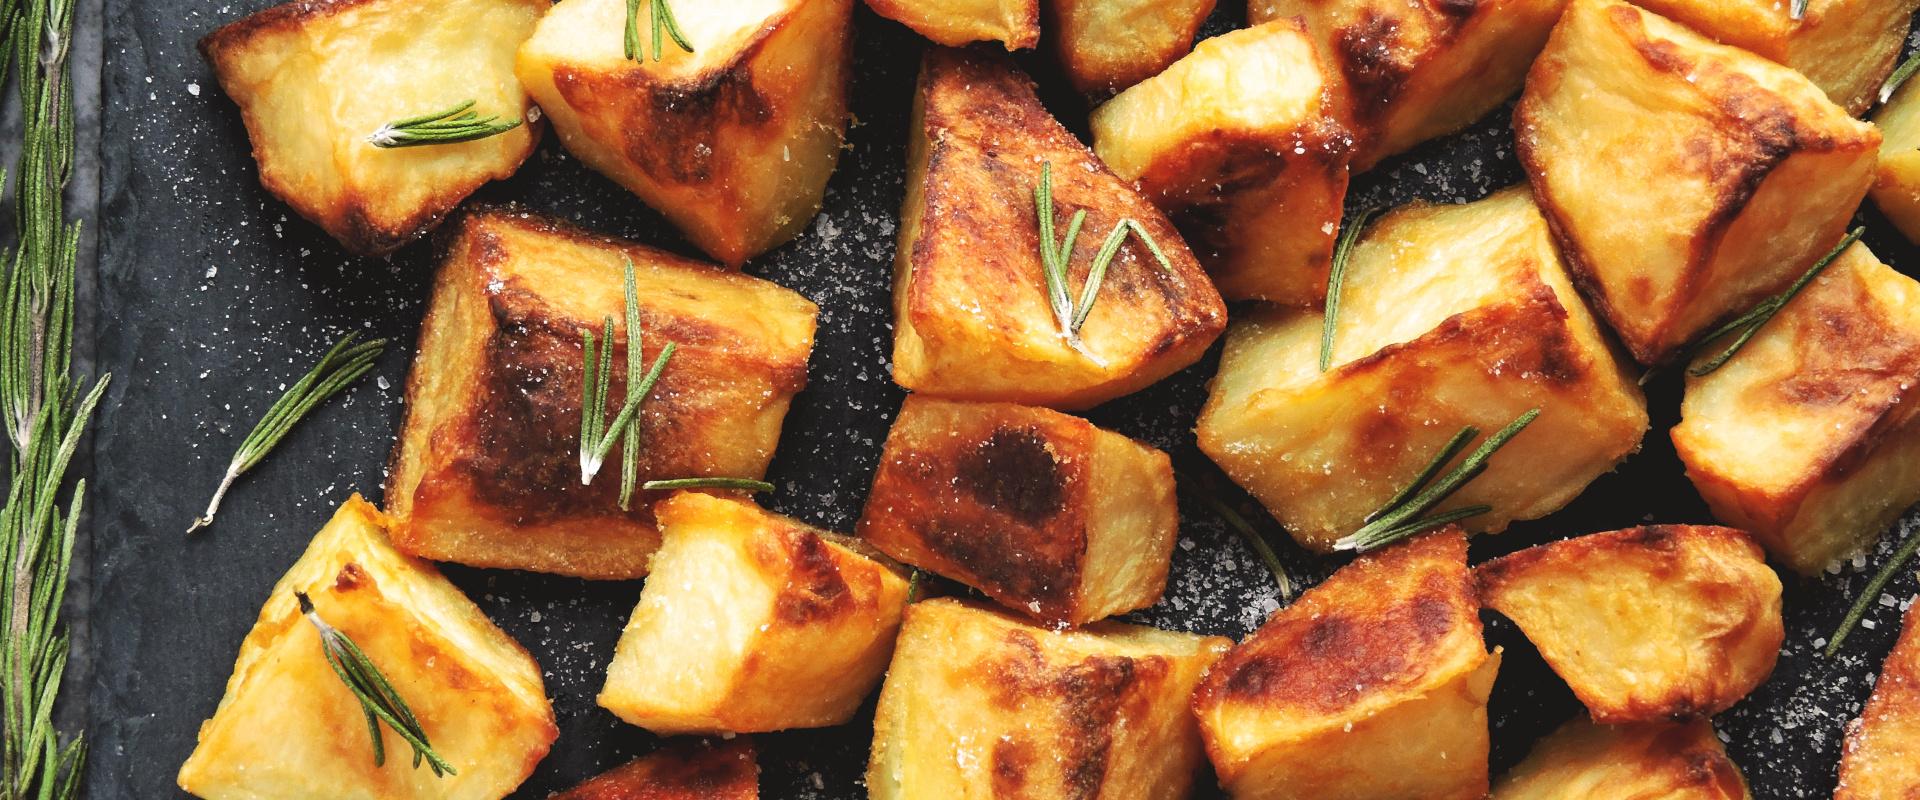 sütőben sült ecetes krumpli cover.jpg